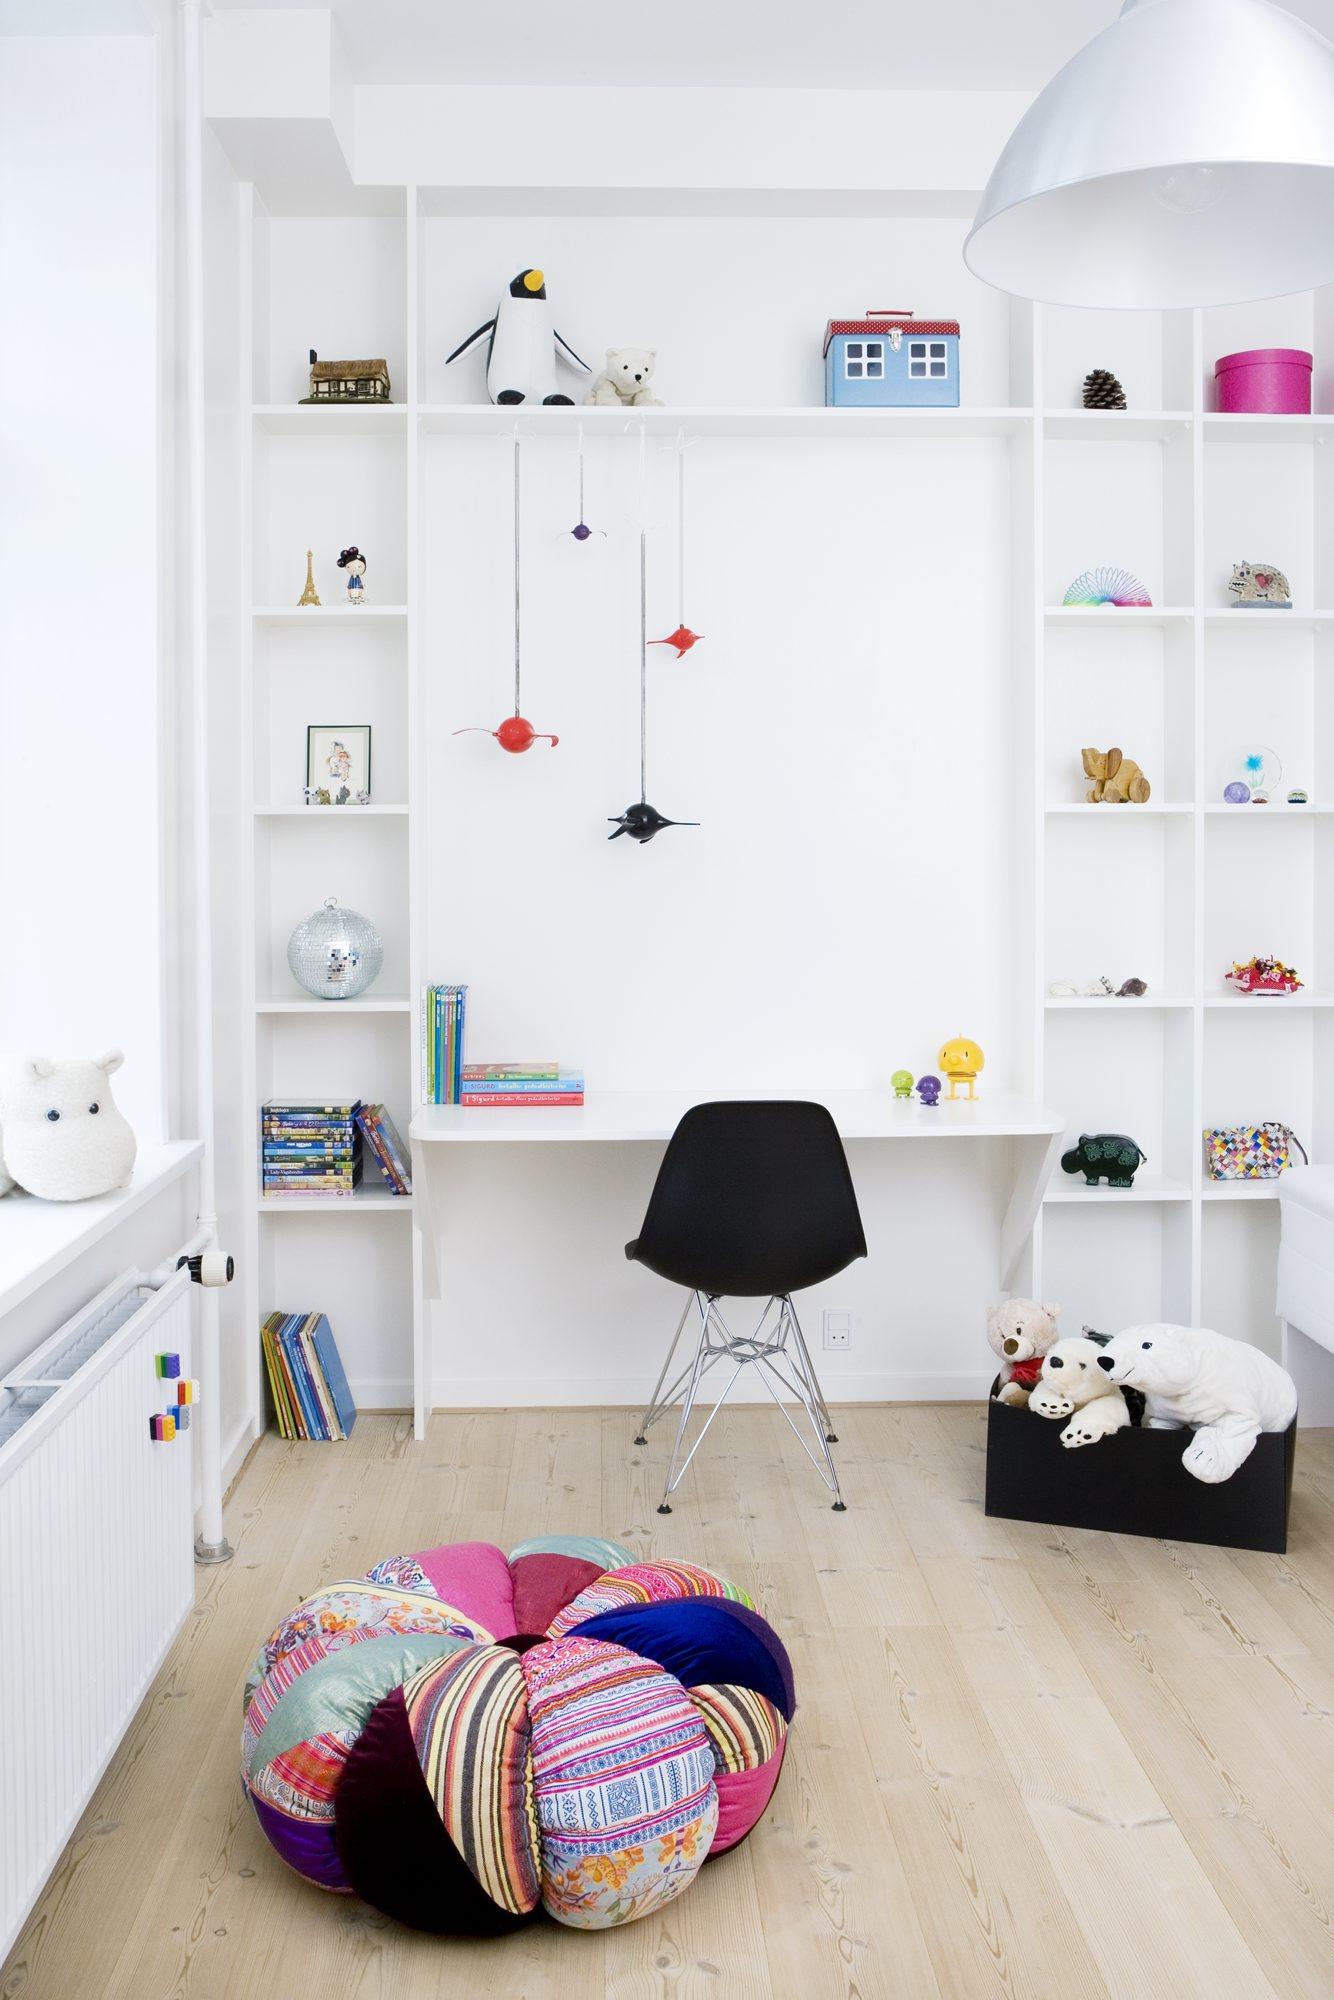 Piff opp barnerommet billig og enkelt – Rom123